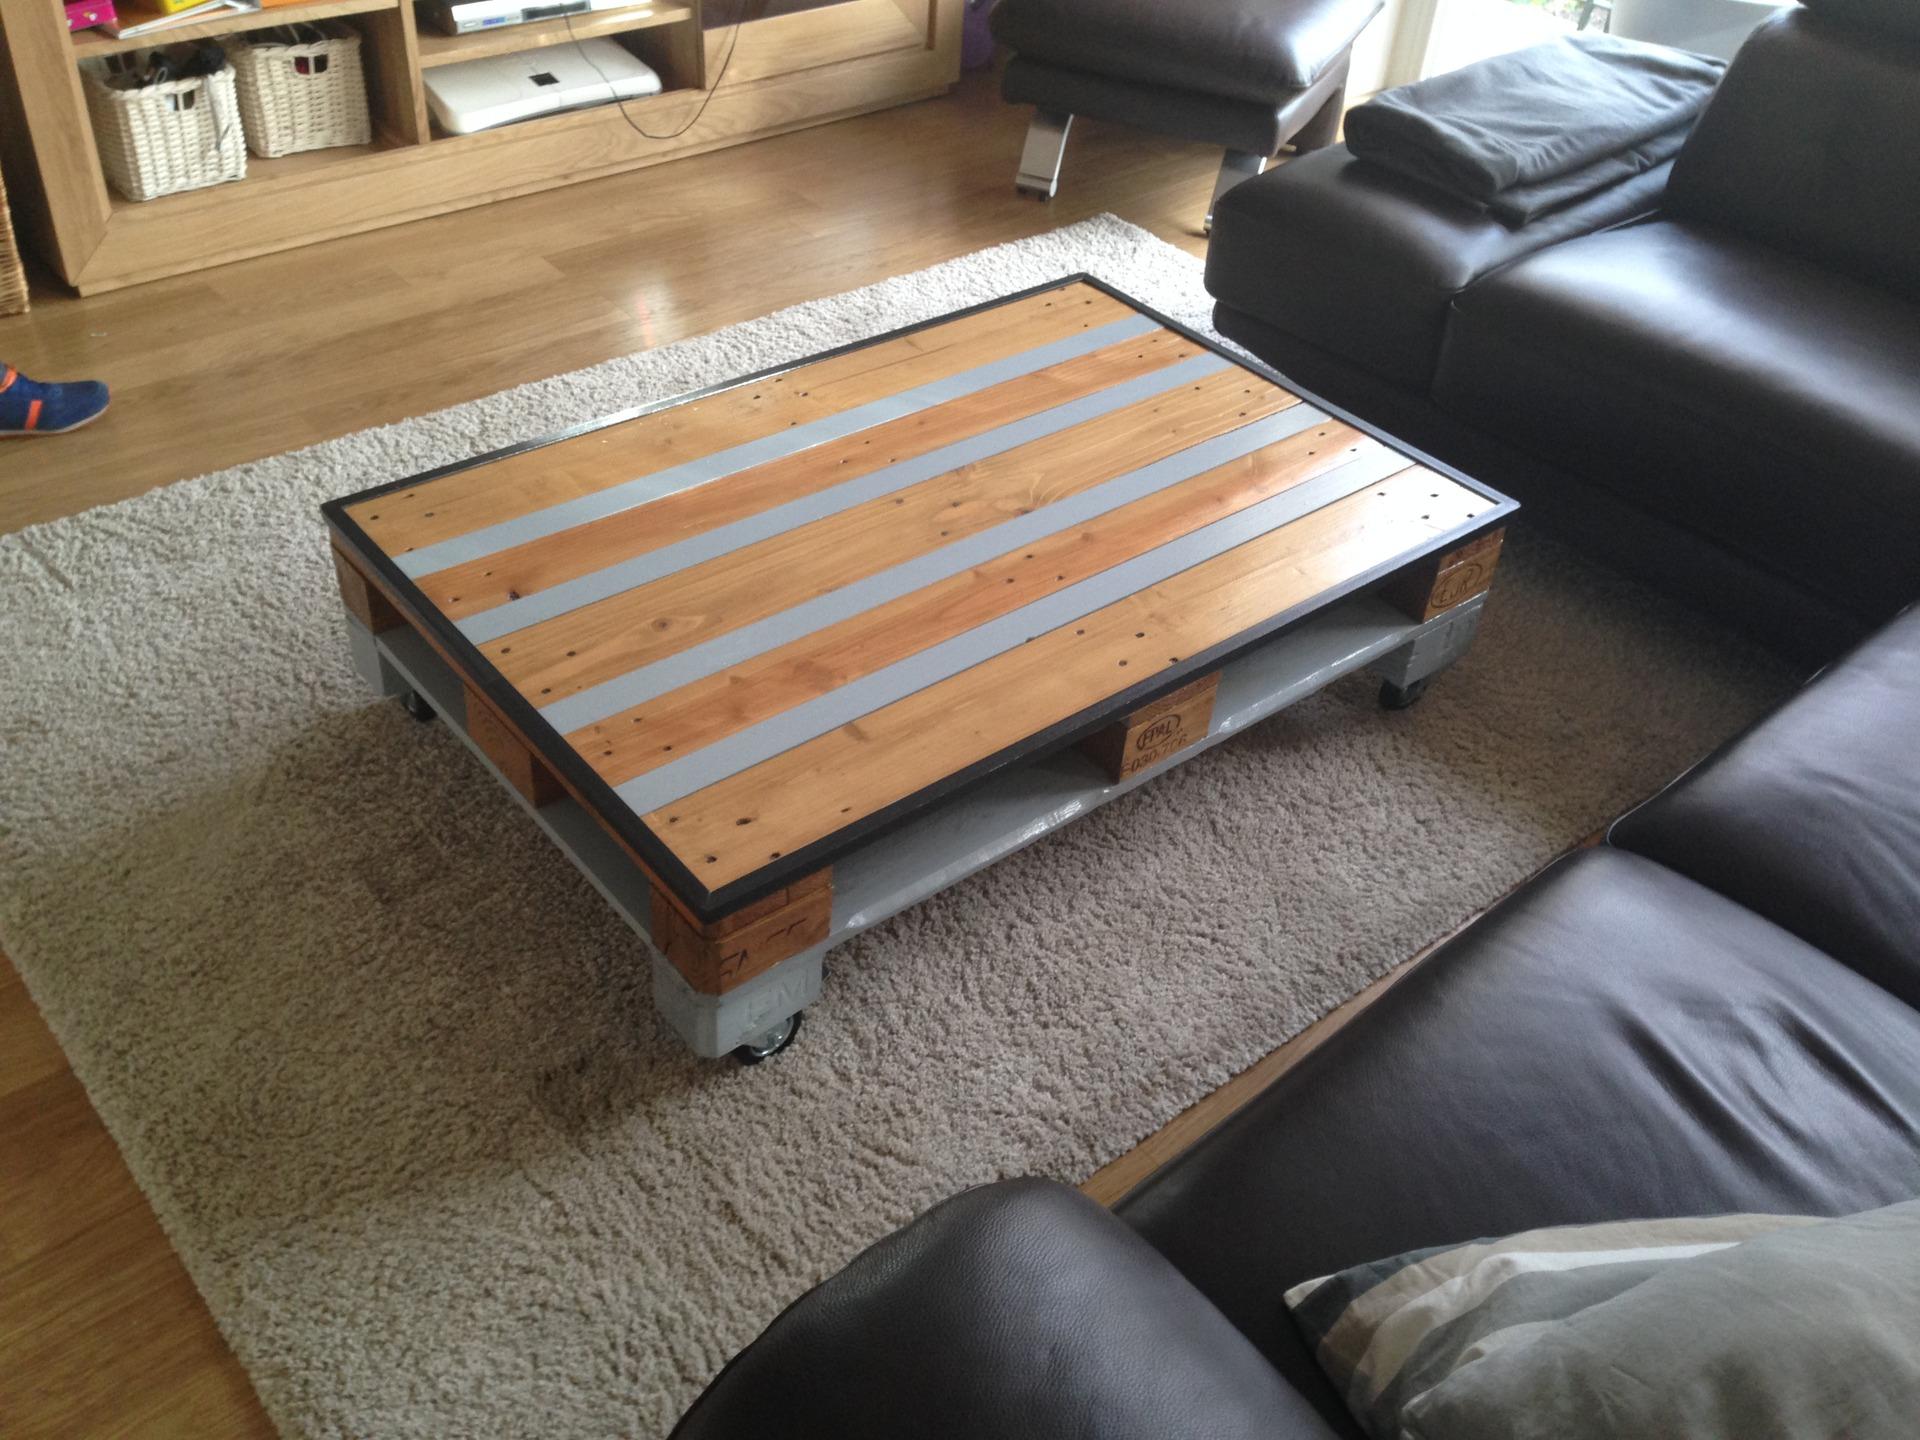 wundersch nen table basse moteur a vendre id es de conception de table basse. Black Bedroom Furniture Sets. Home Design Ideas